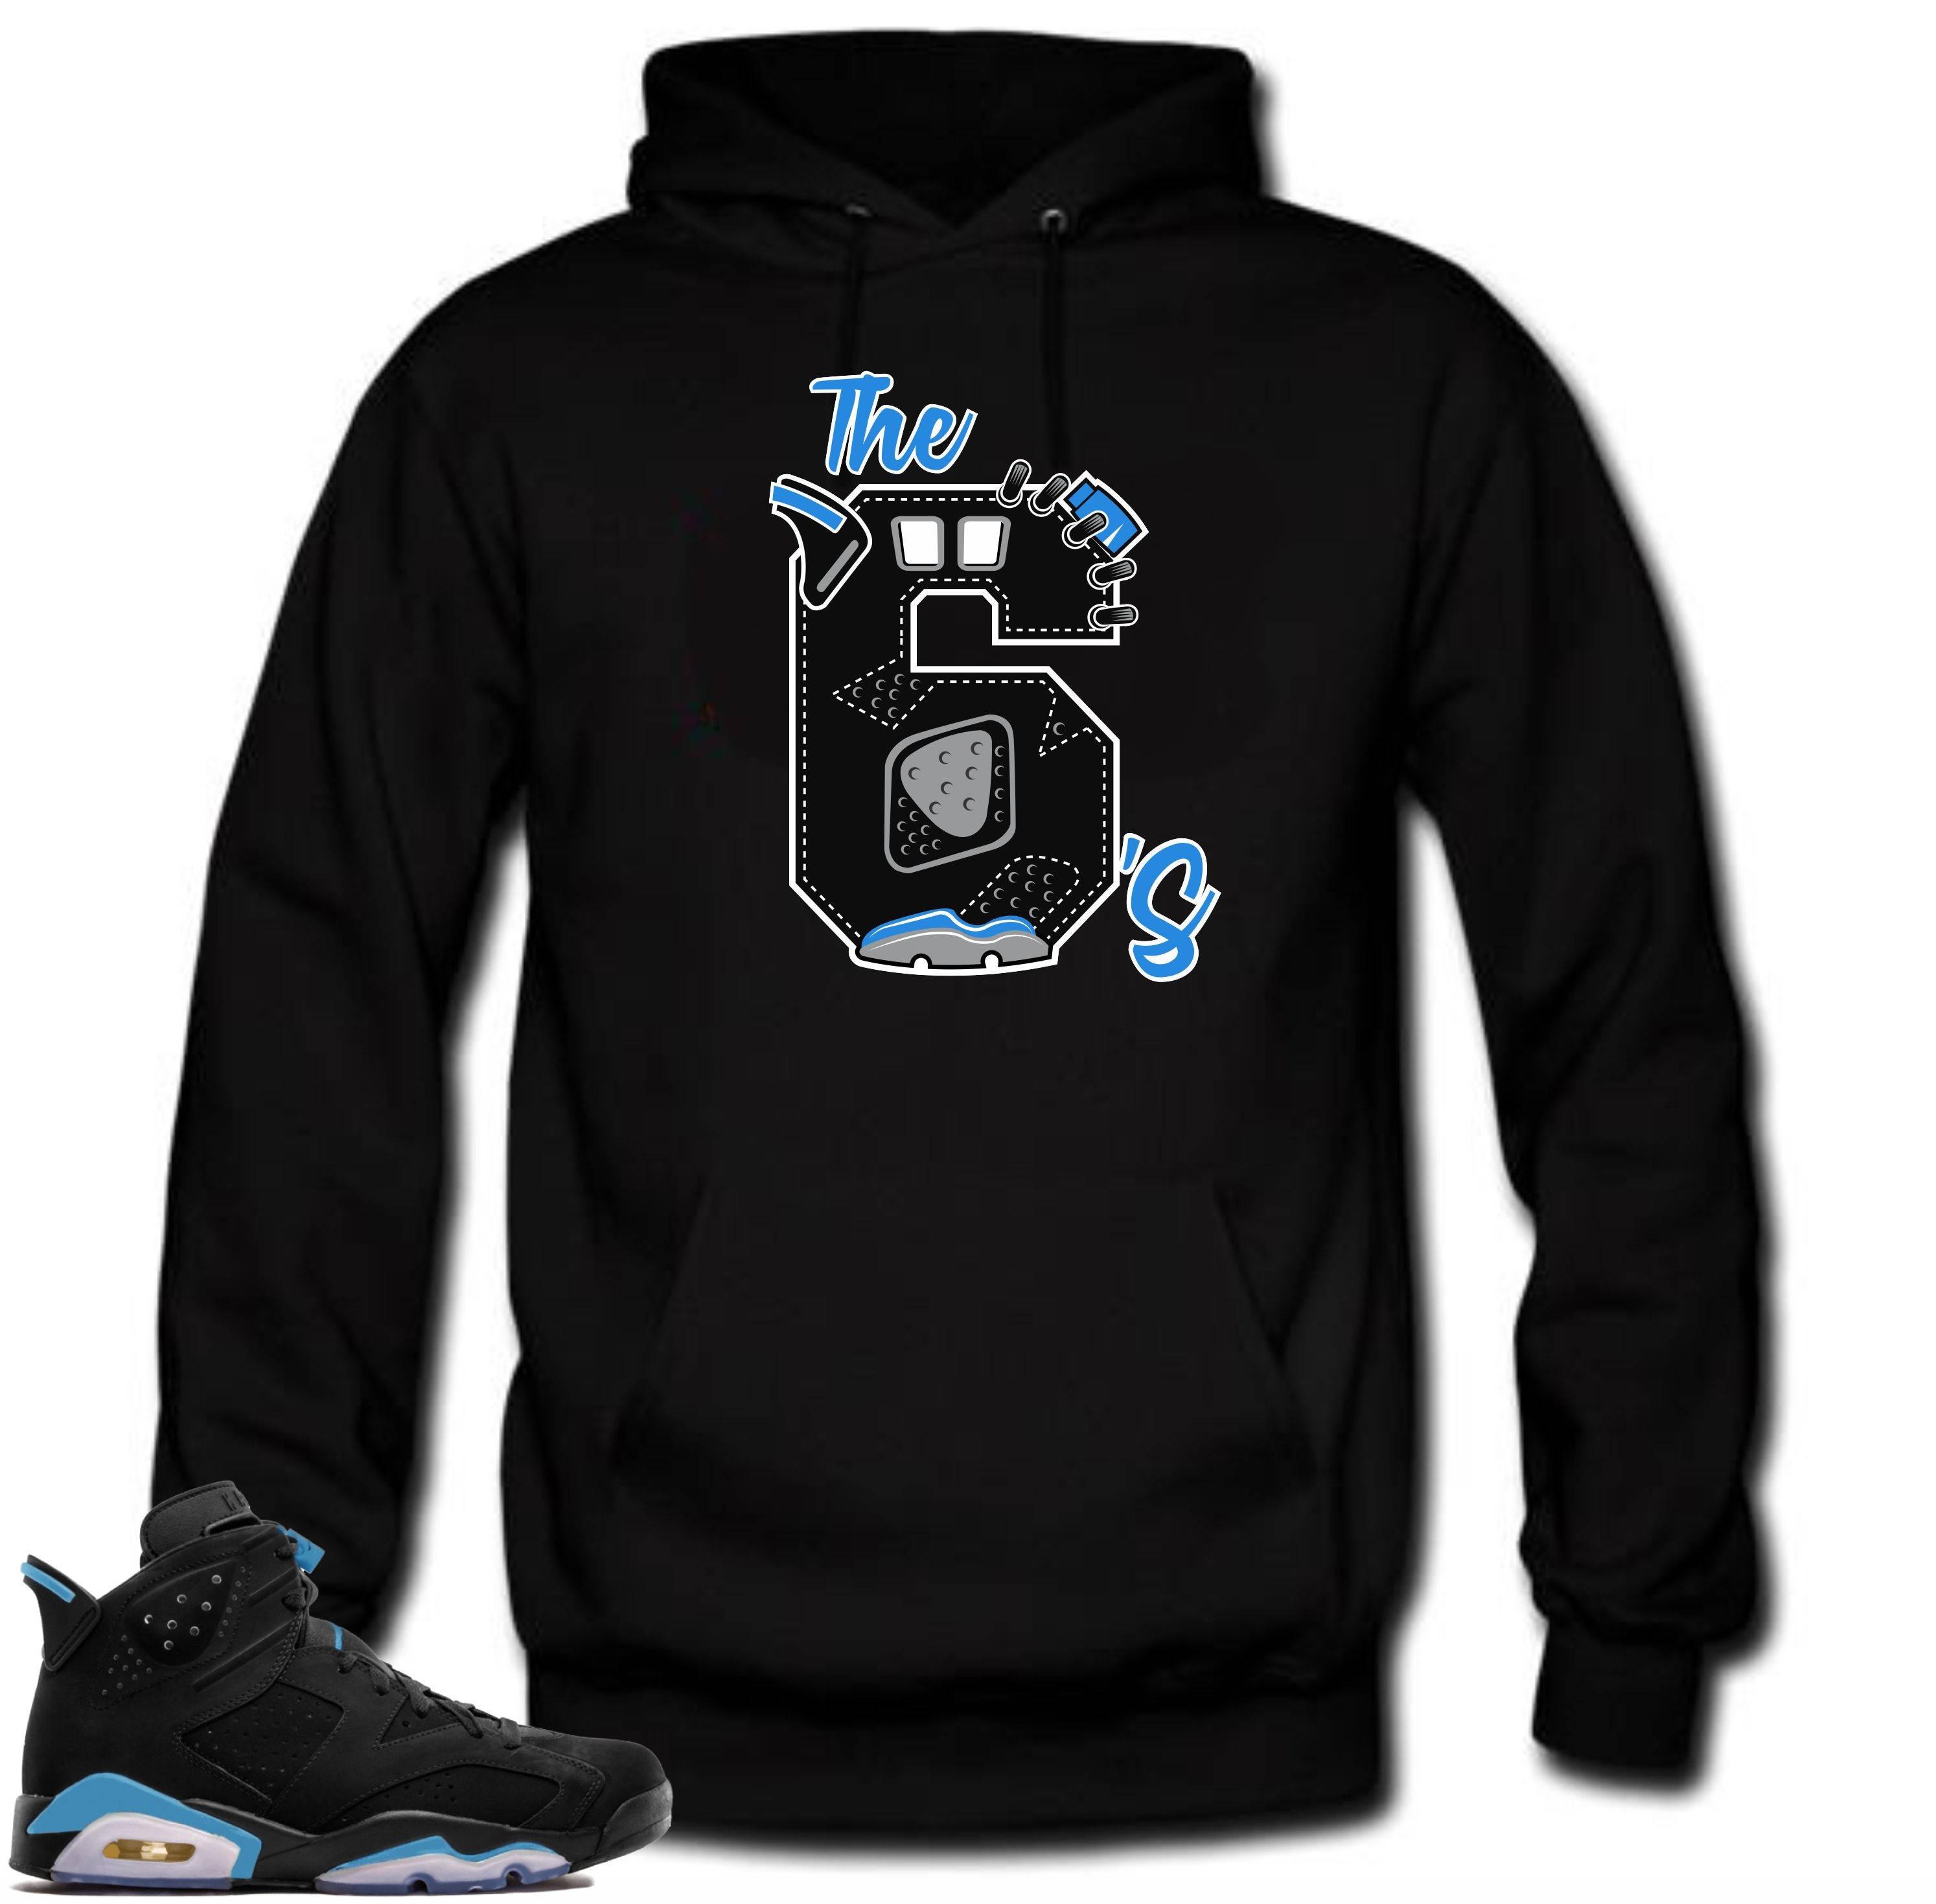 7ba8e1585b6 Hoodie to match Air Jordan 6 UNC The 6's Black | Etsy